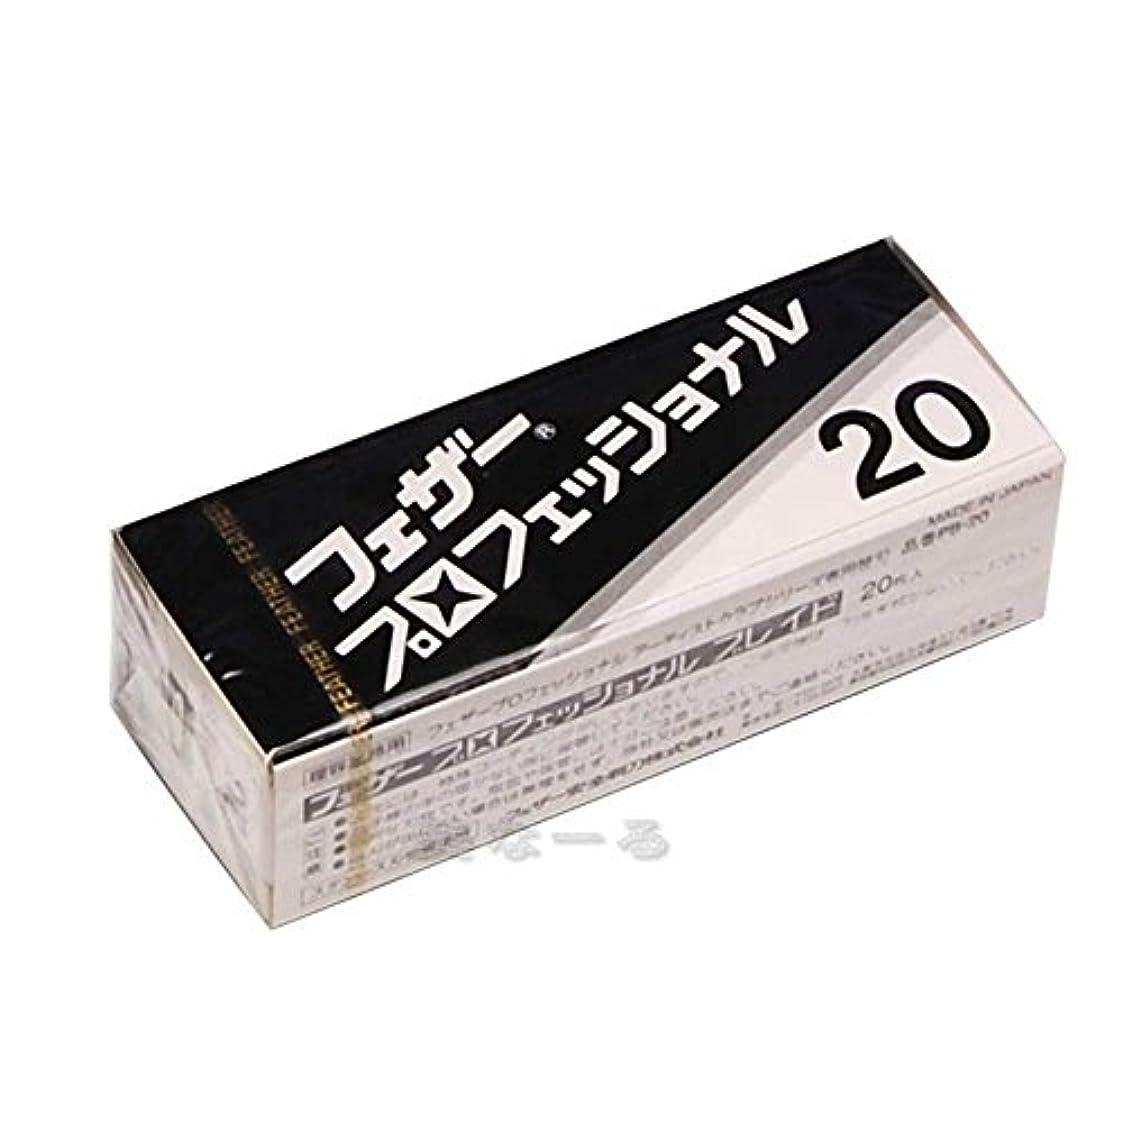 危険を冒します四半期プラスチックフェザー プロフェッショナル ブレイド PB-20 替刃 20枚入